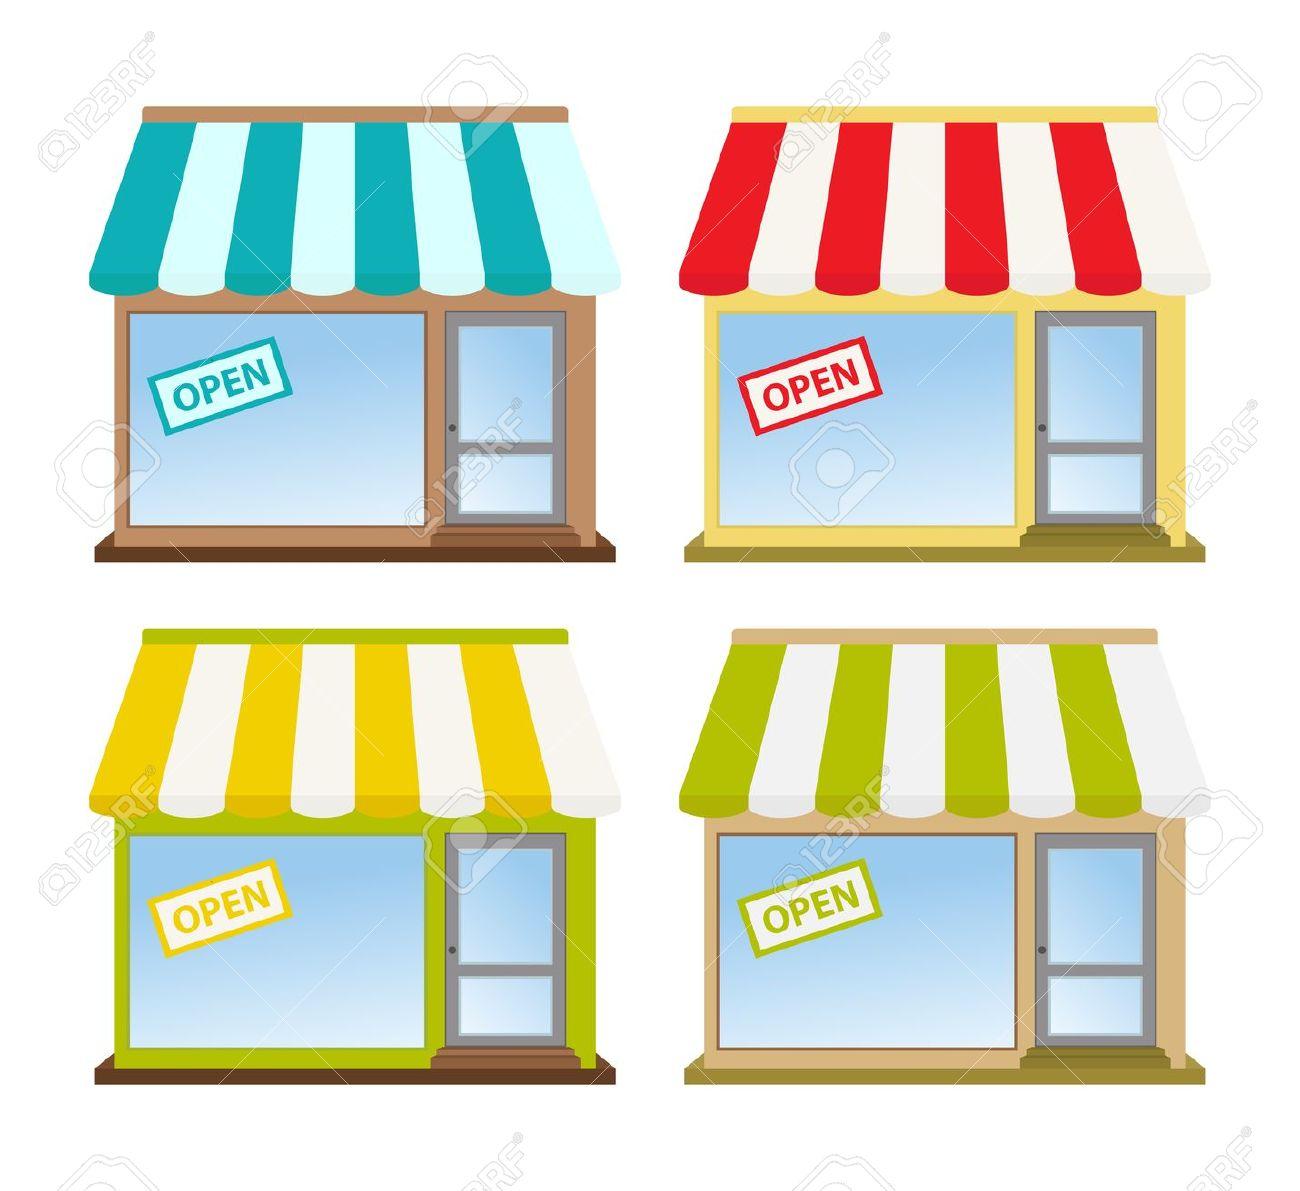 shop window clipart - photo #8